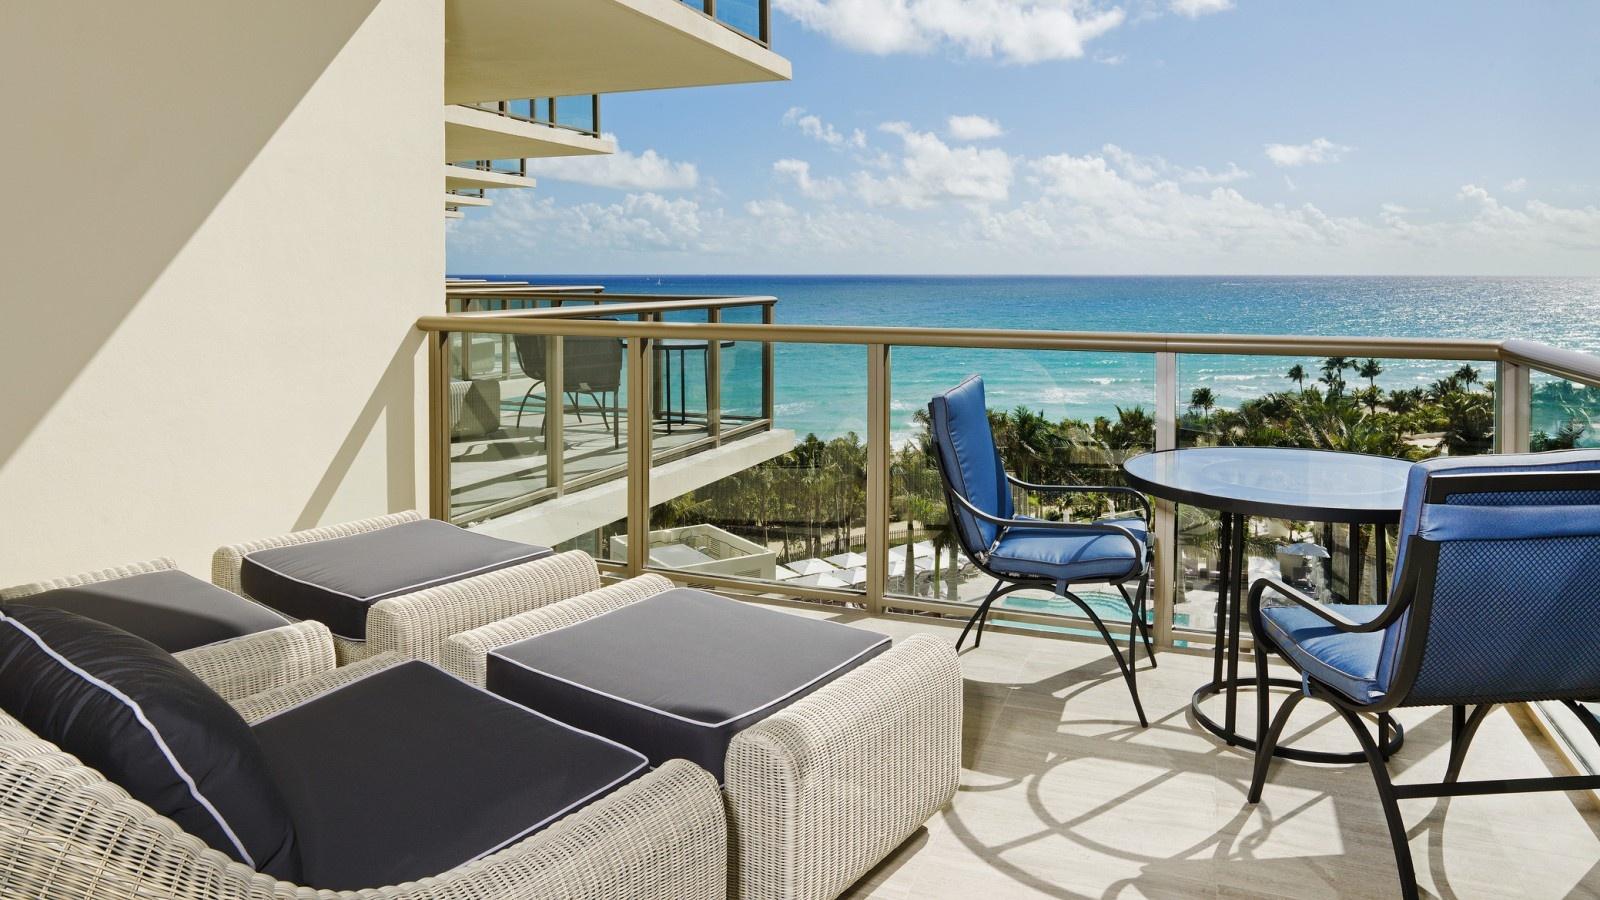 St. Regis Bal Harbour Resort and Condominium Bal Harbour, St. Regis ...